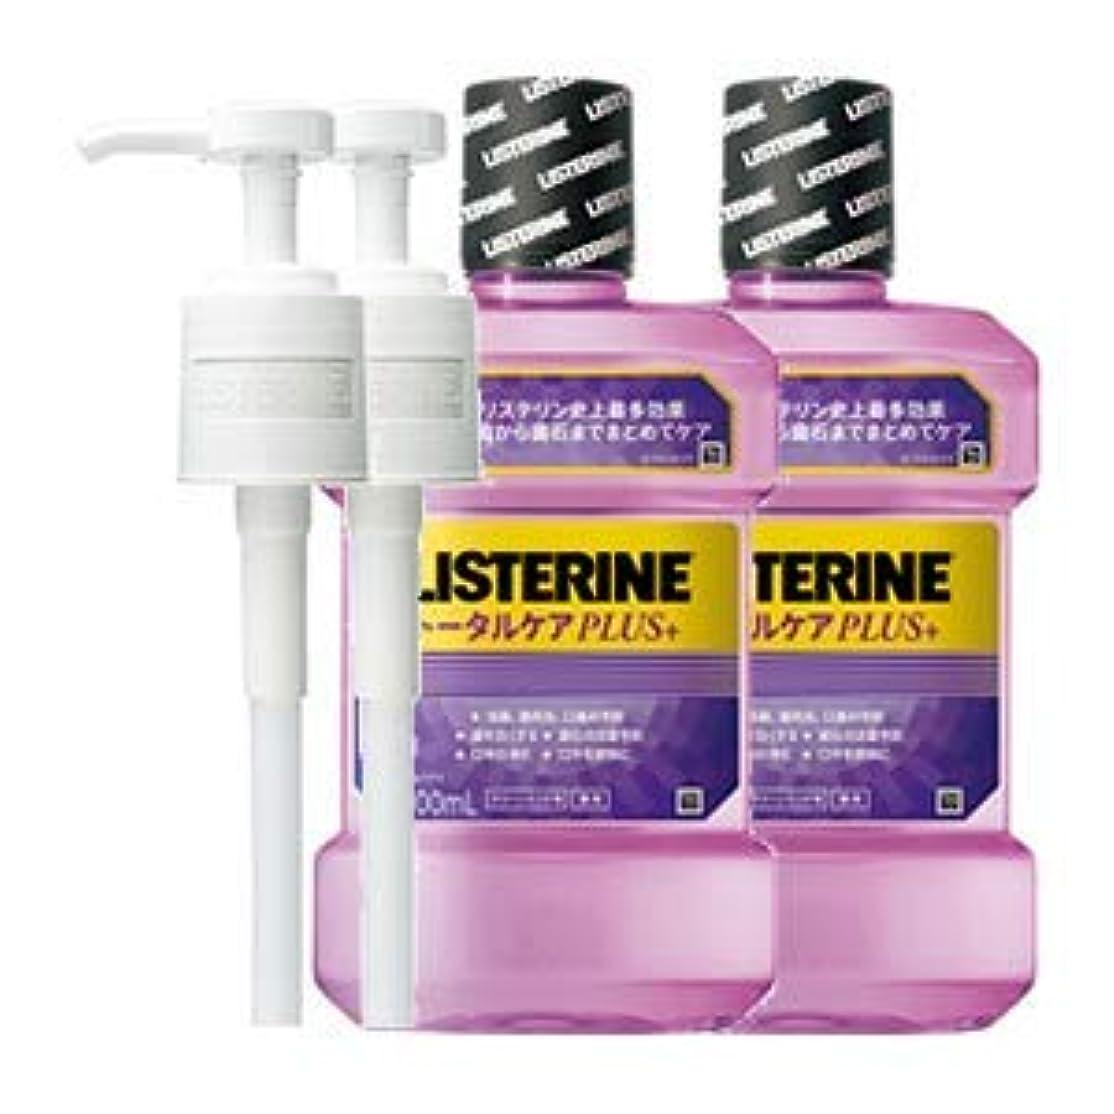 メリー緩む急いで薬用リステリン トータルケアプラス (液体歯磨) 1000mL 2点セット (ポンプ付)